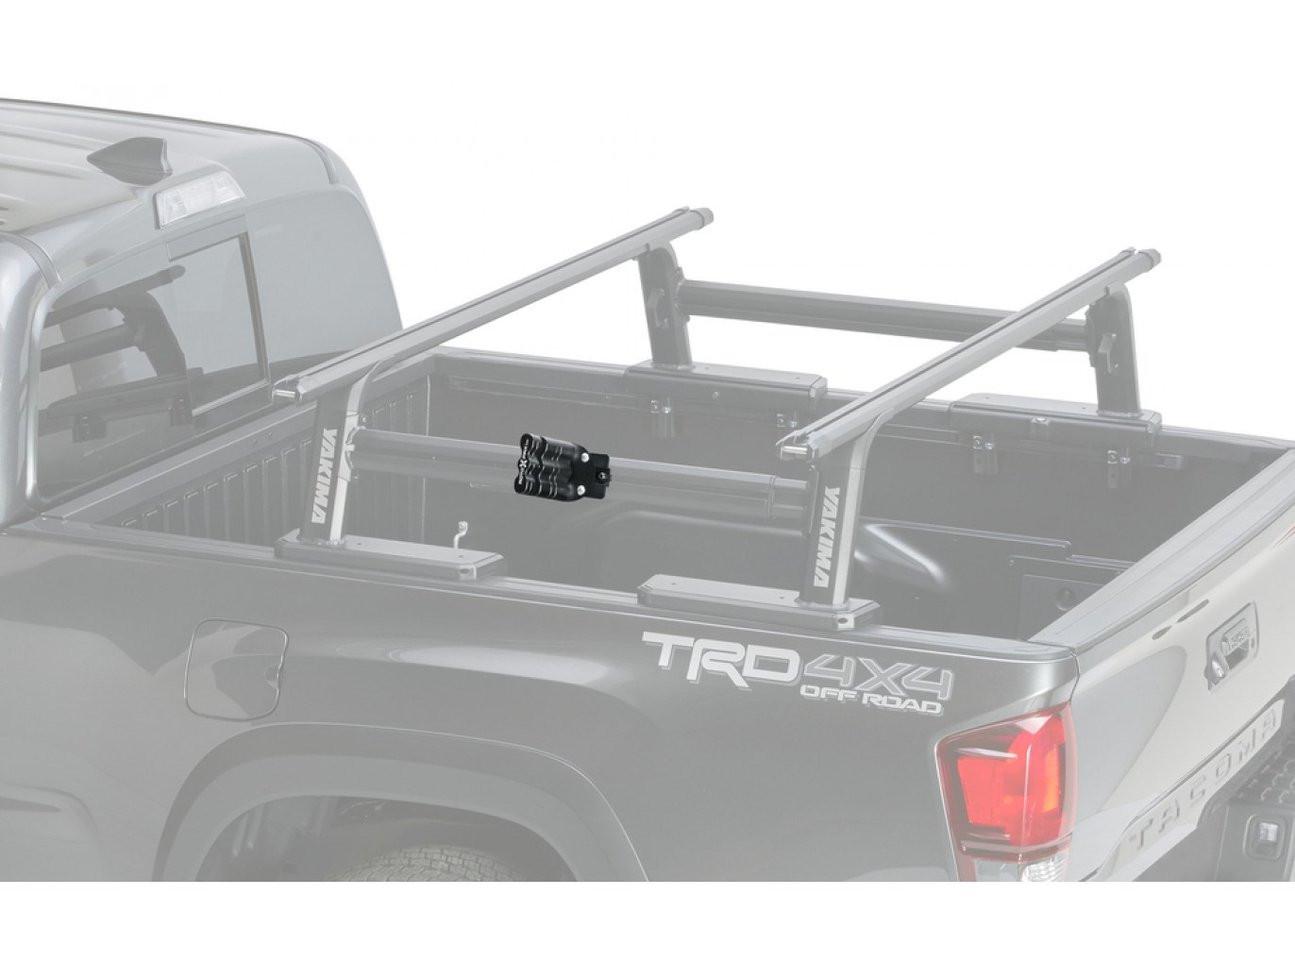 RotoPax Mounting Kit